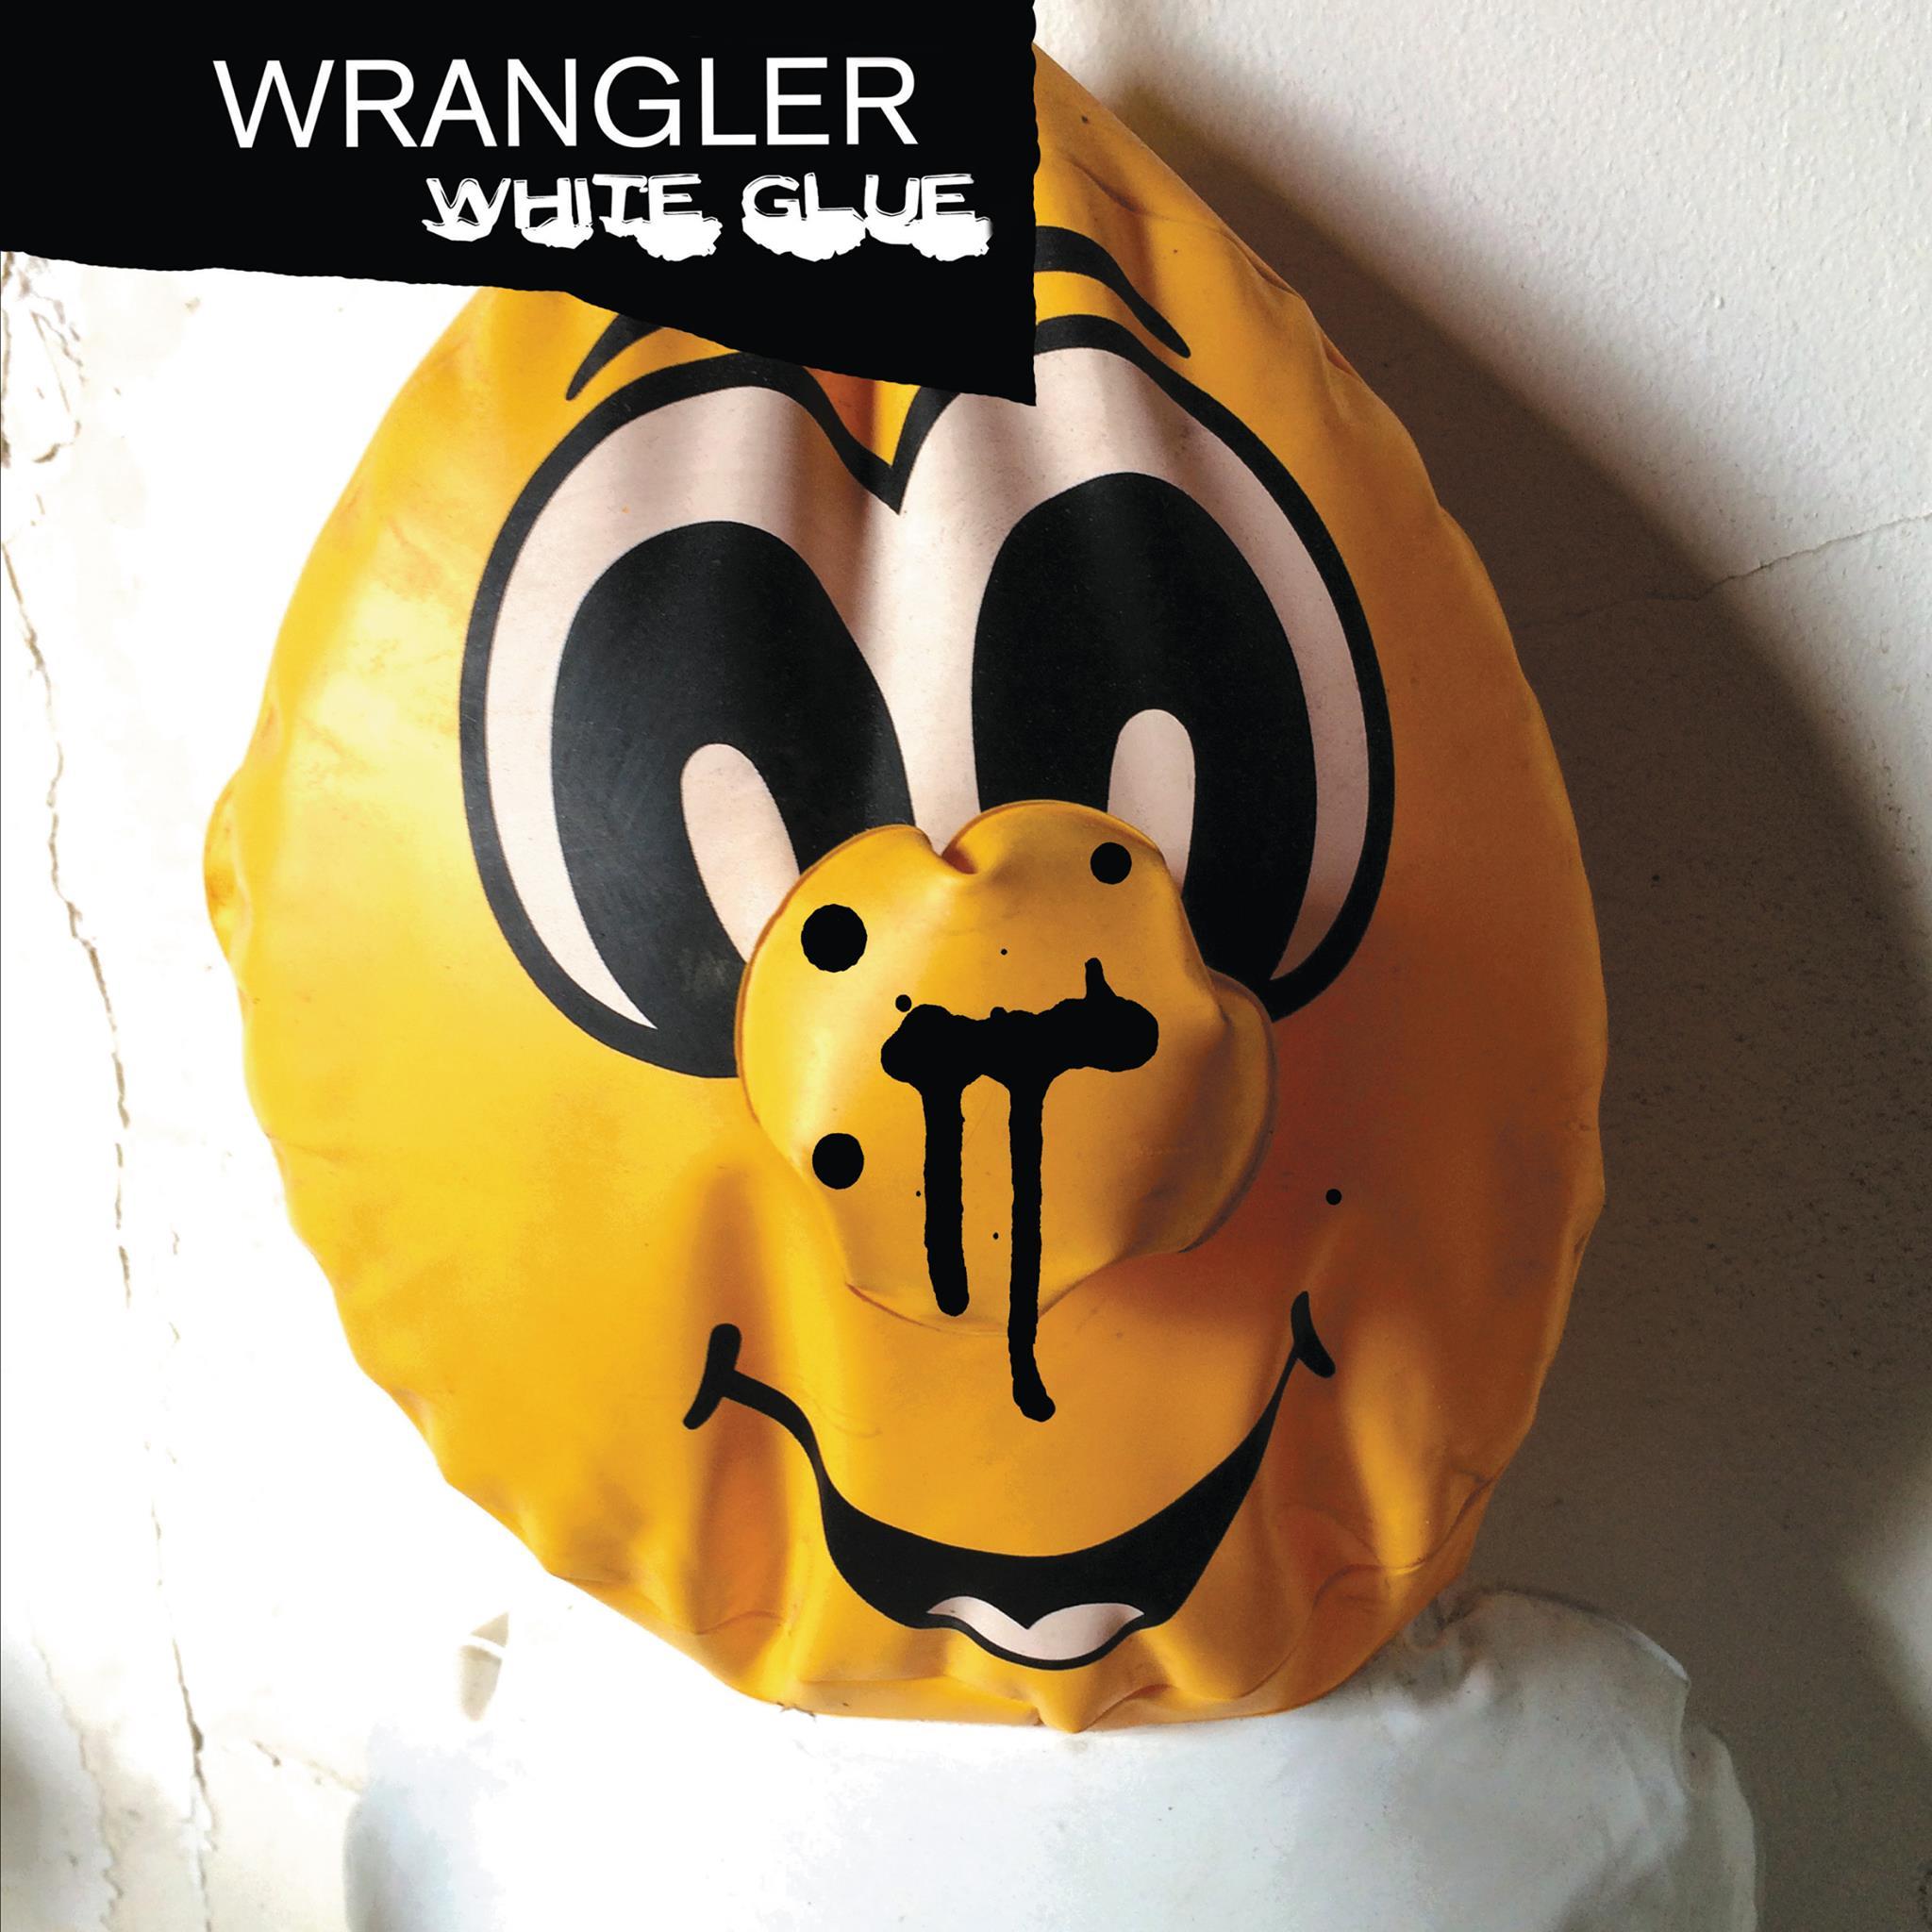 Wrangler – White Glue